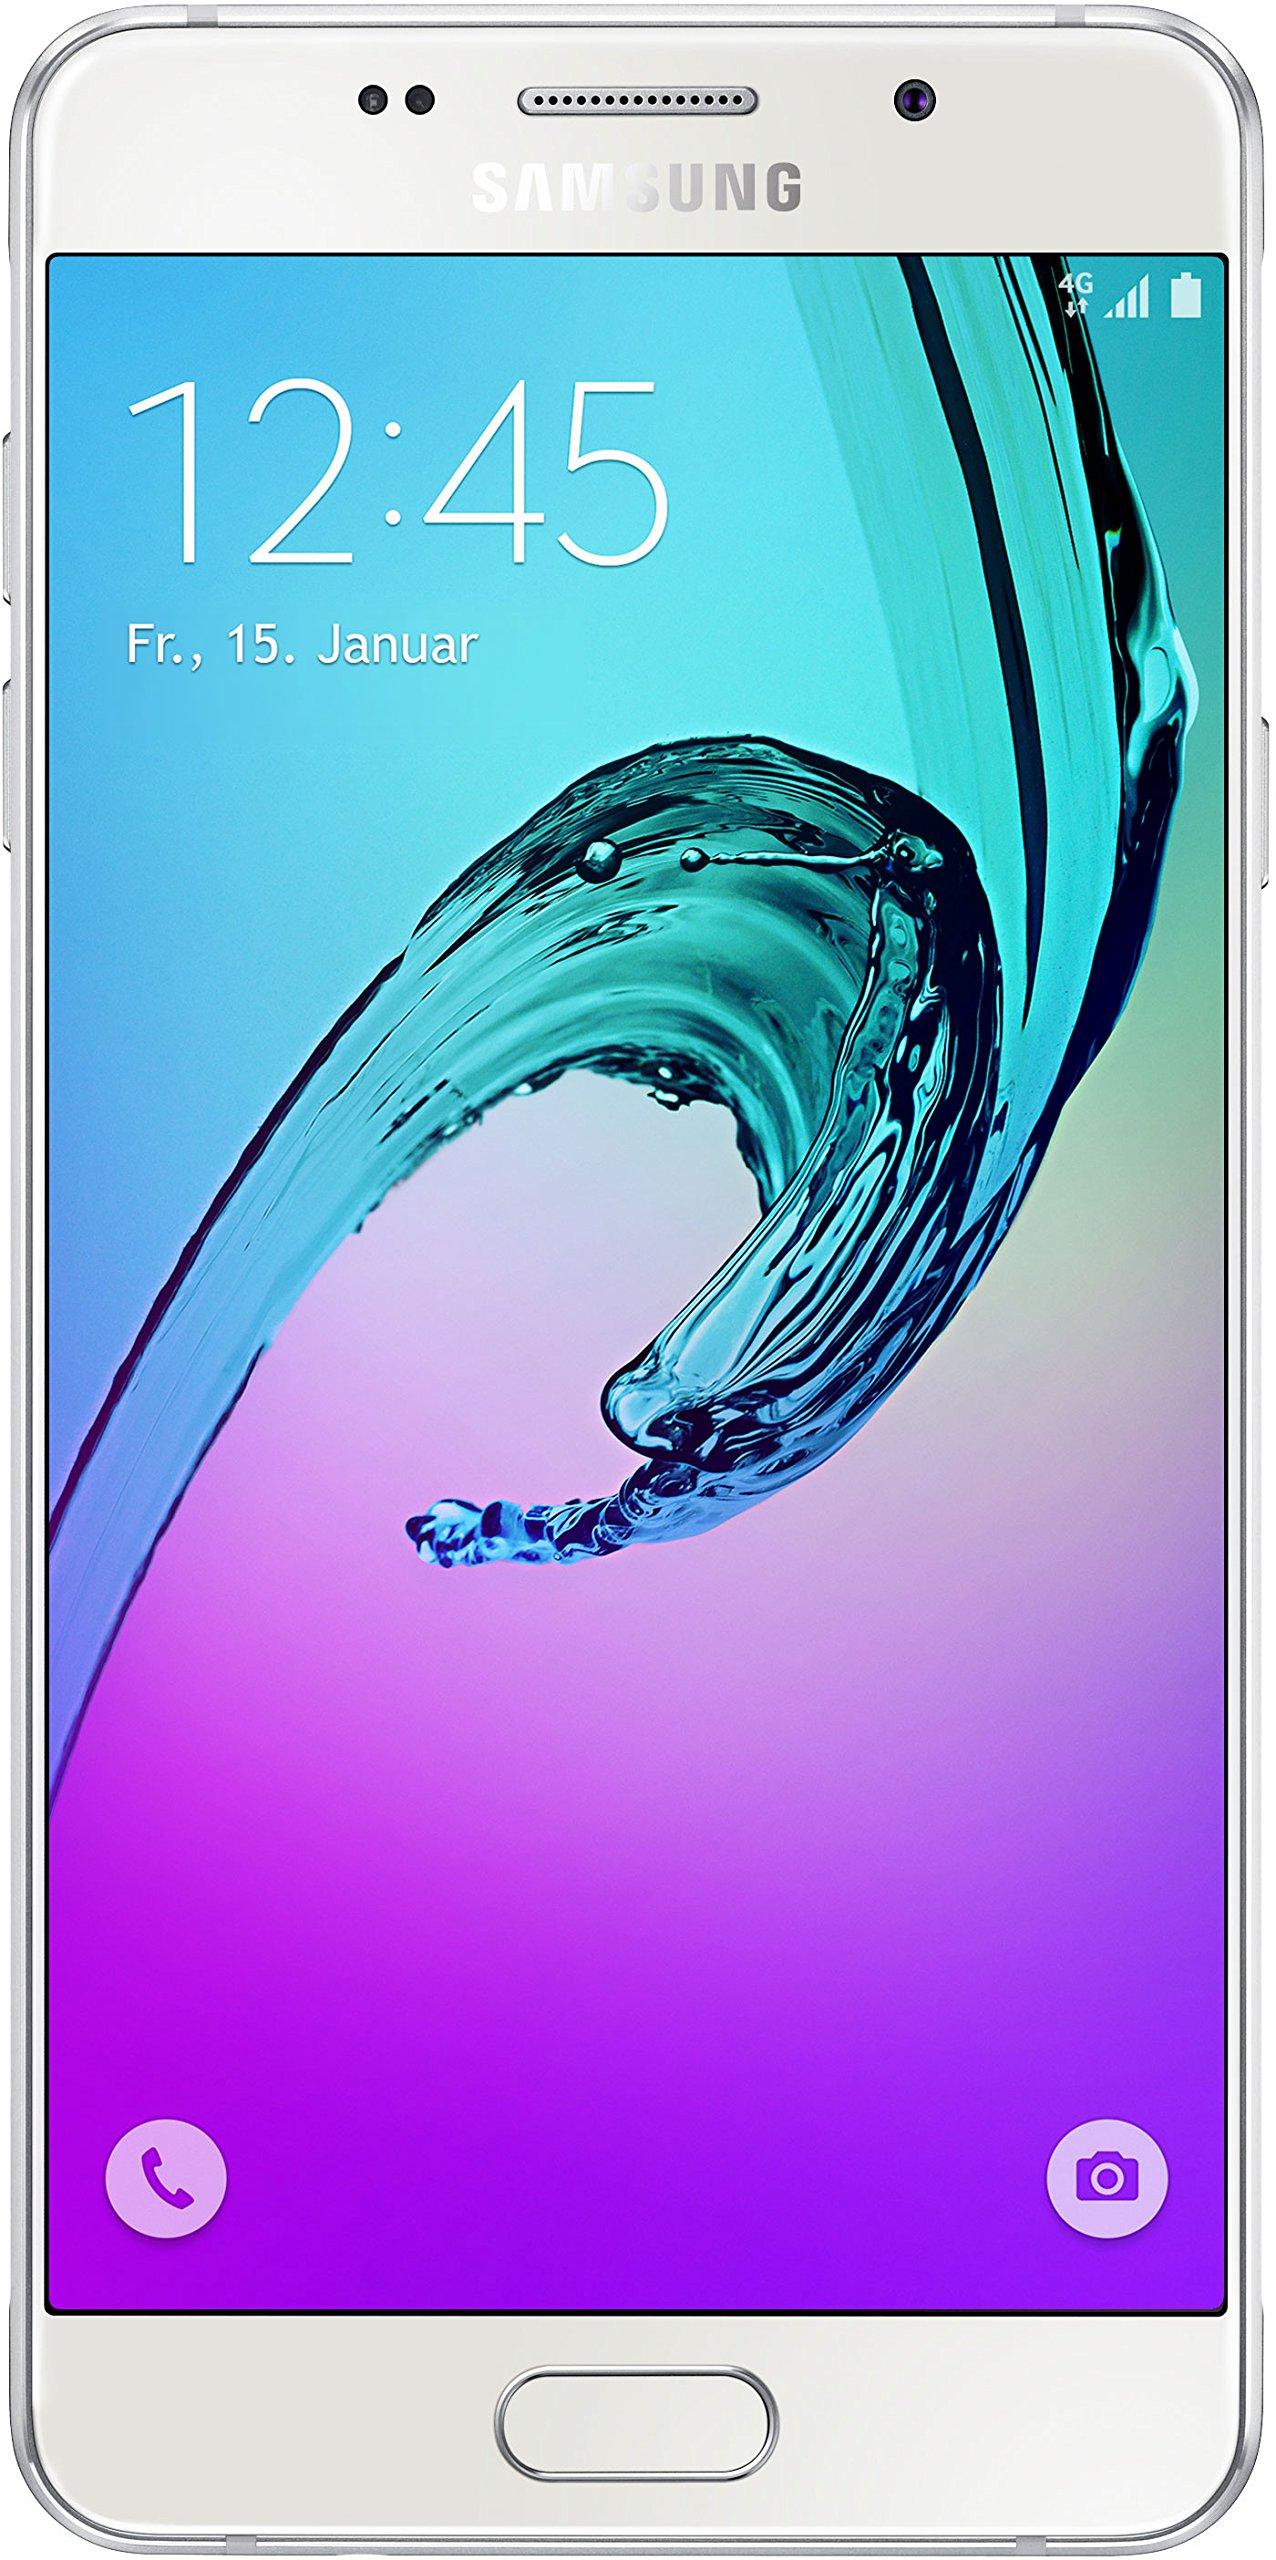 Samsung Galaxy A5 (2016) SM-A510F 16GB White, Single-Sim, GSM Unlocked International Model, No Warranty